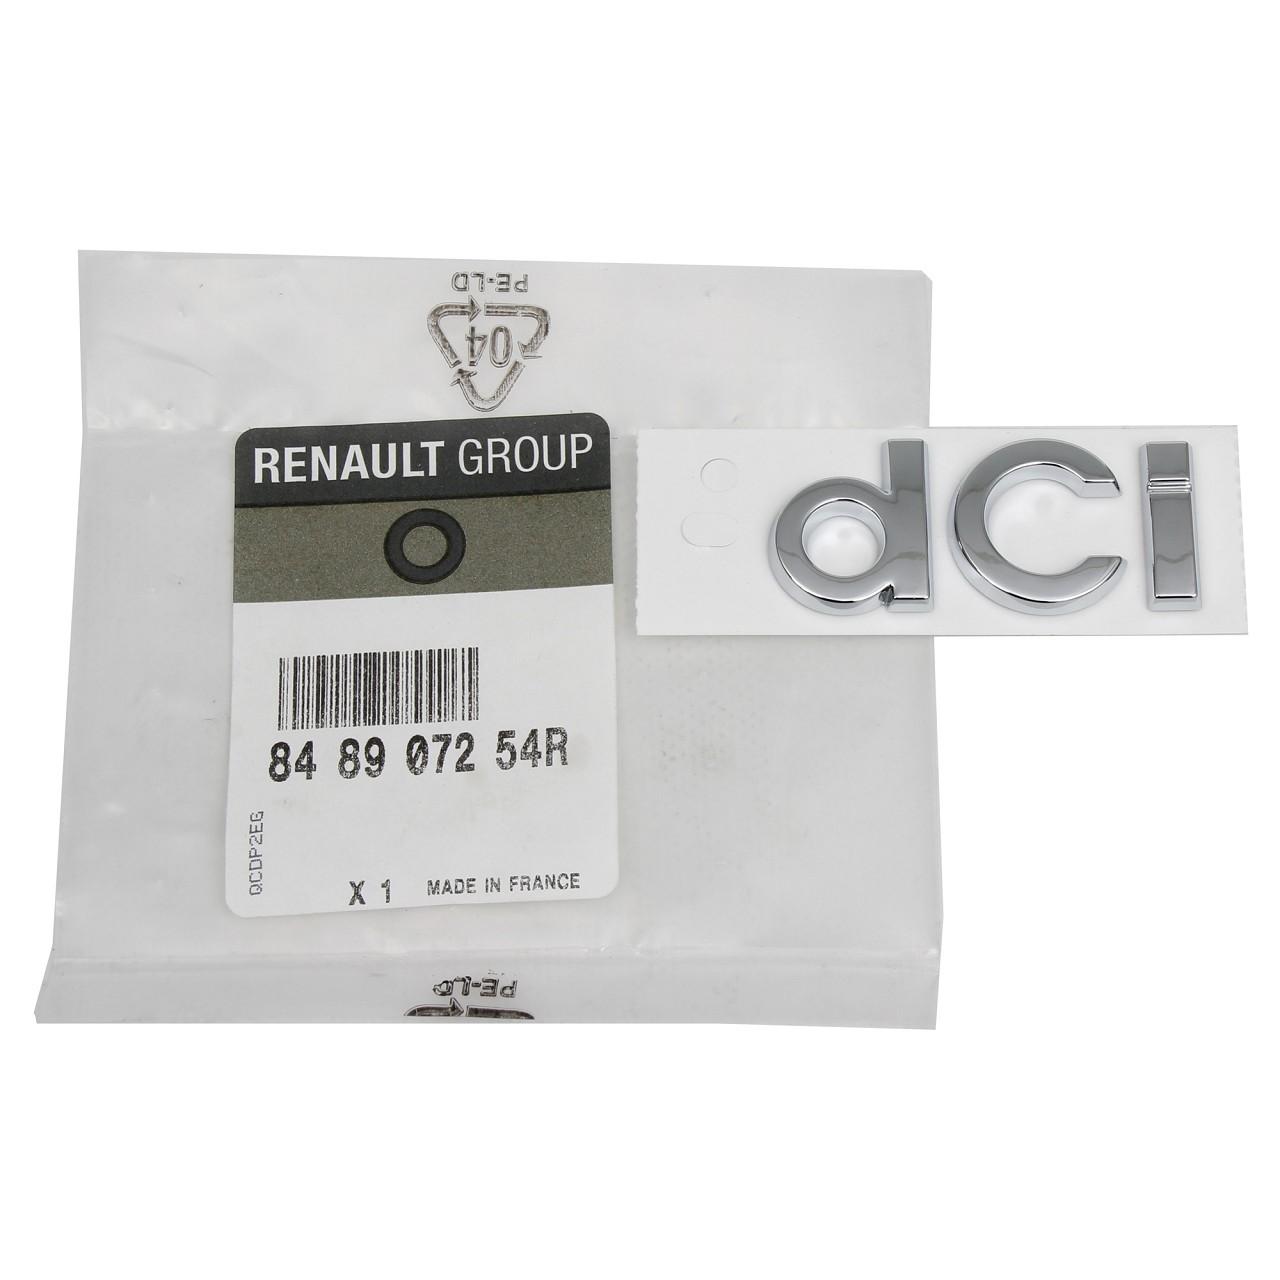 ORIGINAL Renault Emblem Plakette Schriftzug dCi für CLIO III IV 848907254R